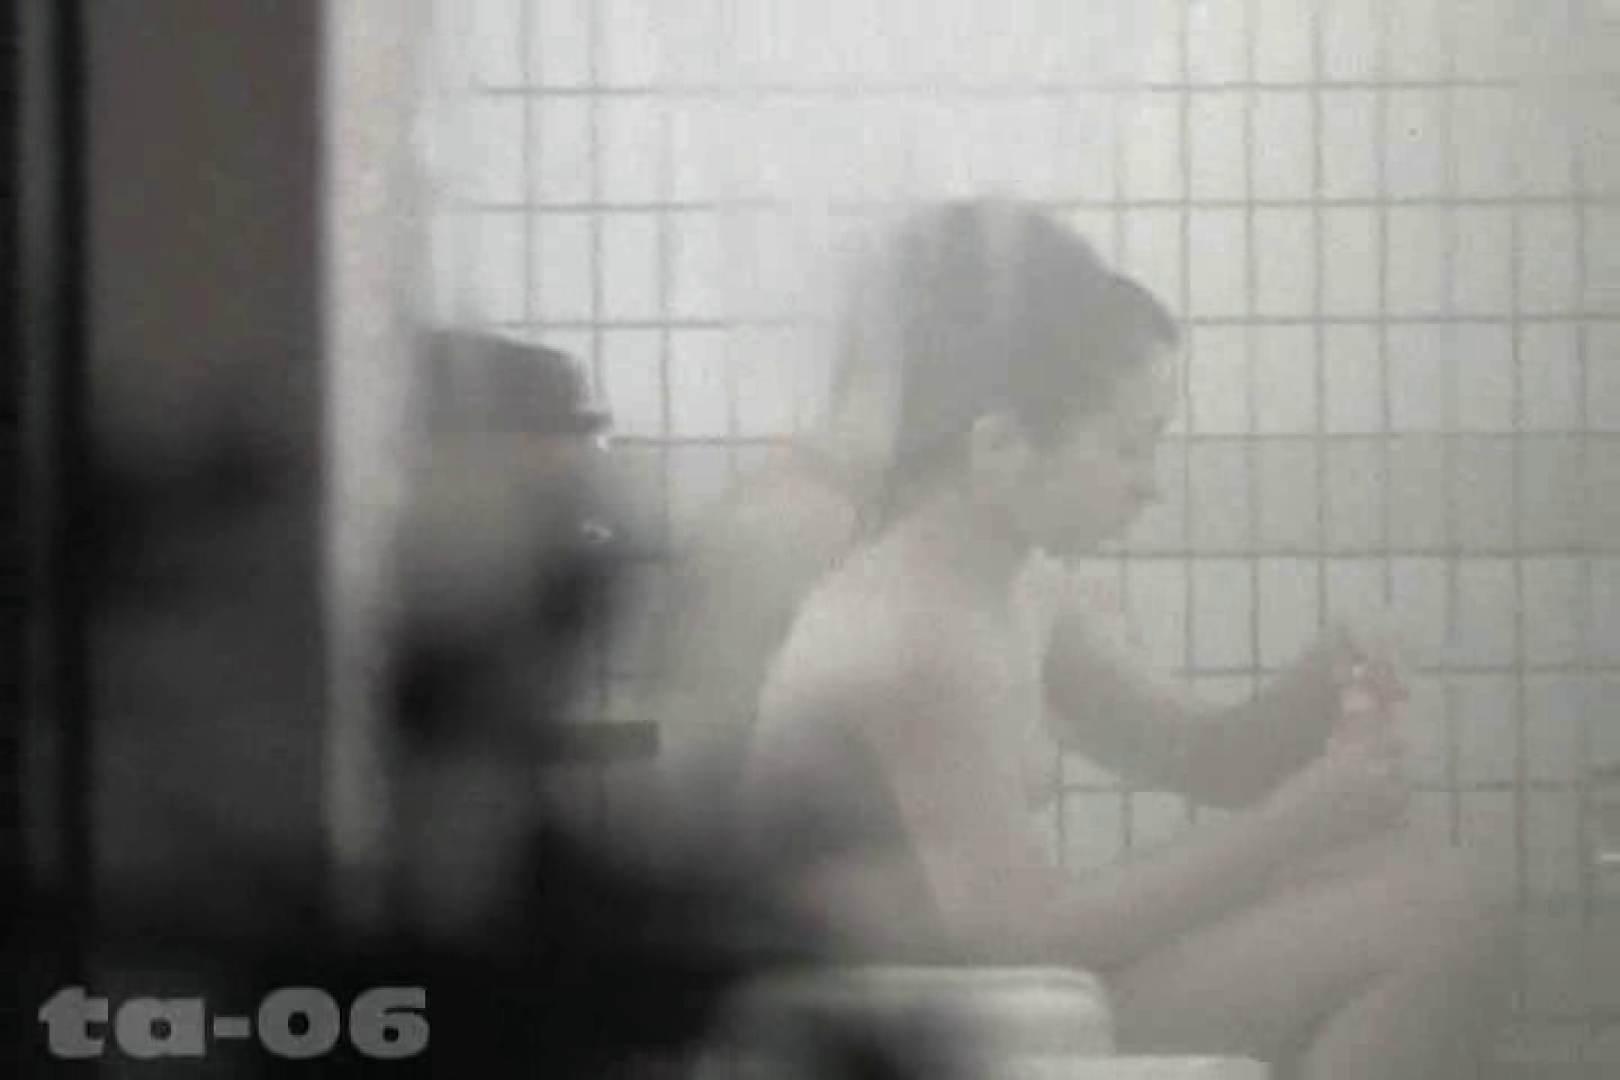 合宿ホテル女風呂盗撮高画質版 Vol.06 女風呂 | ホテルで絶頂  69画像 11